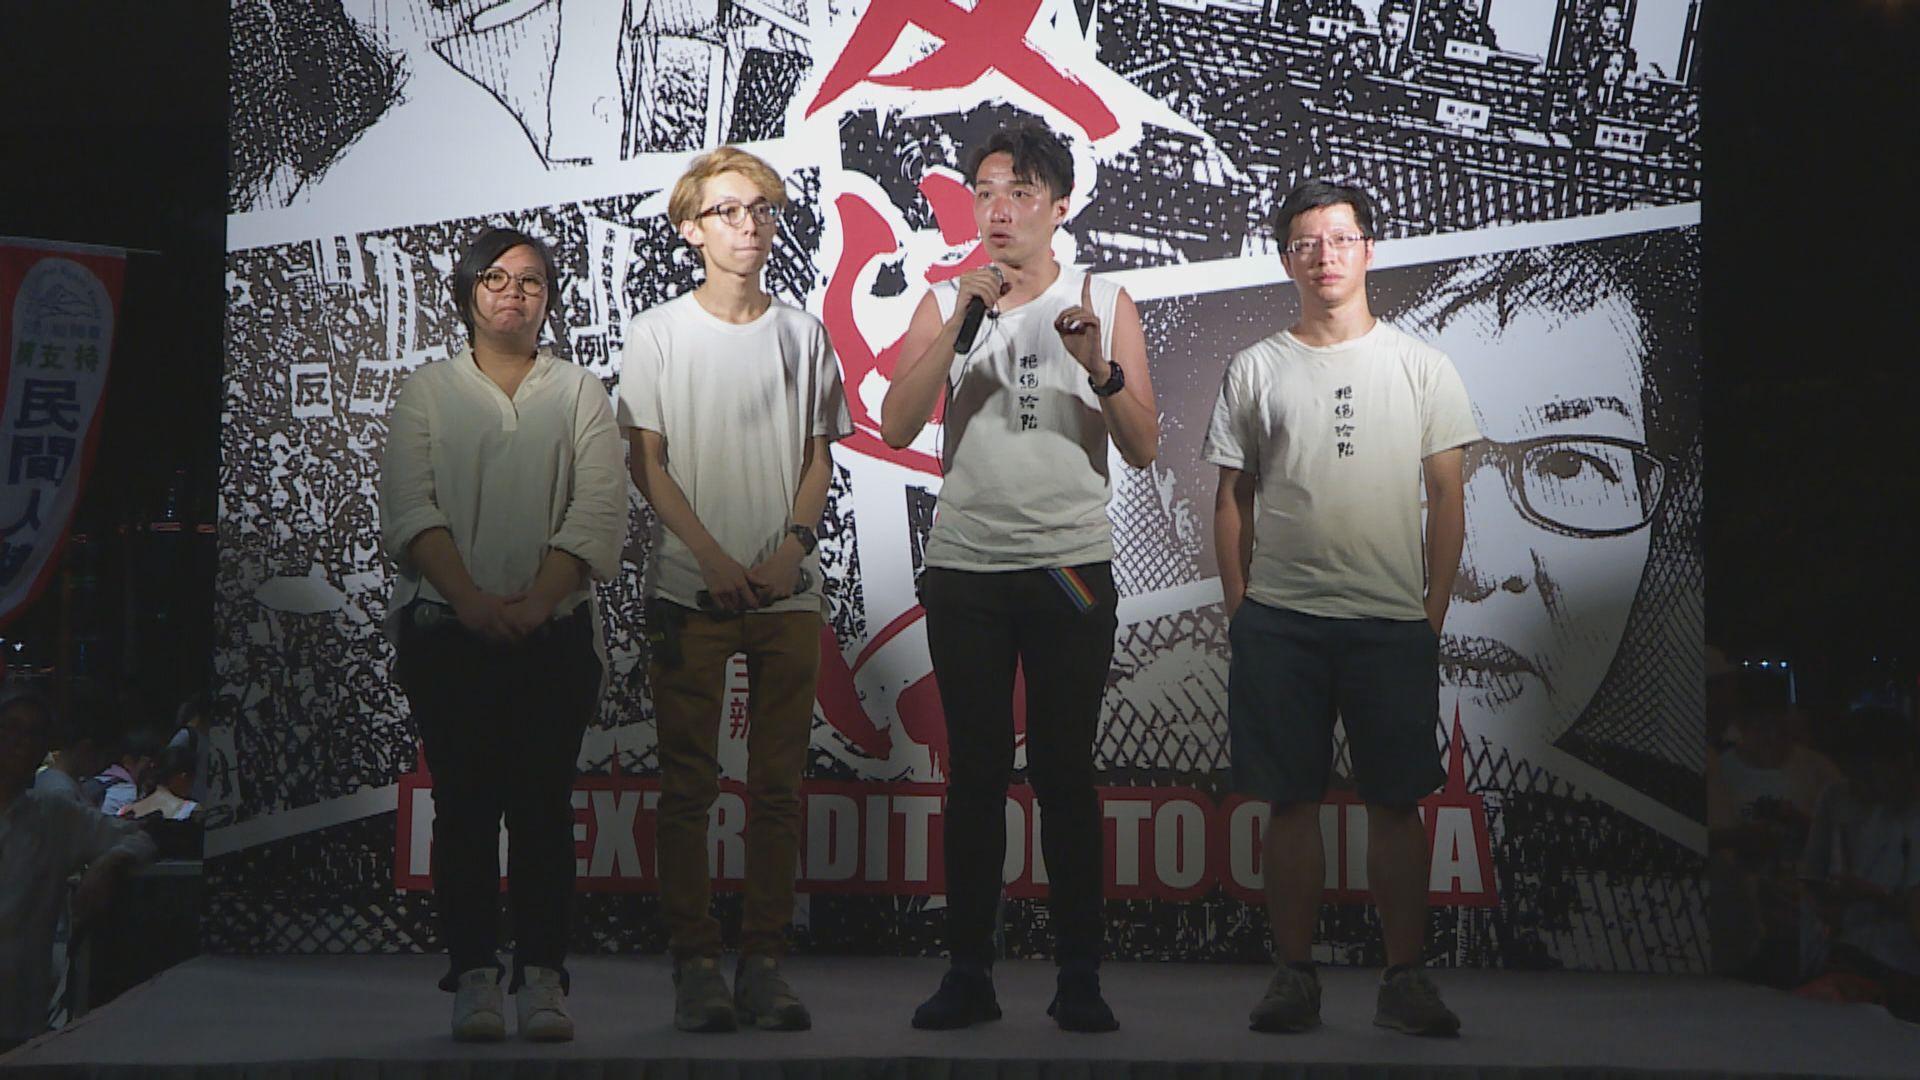 【反修例遊行】民陣將再發起行動反逃犯條例修訂